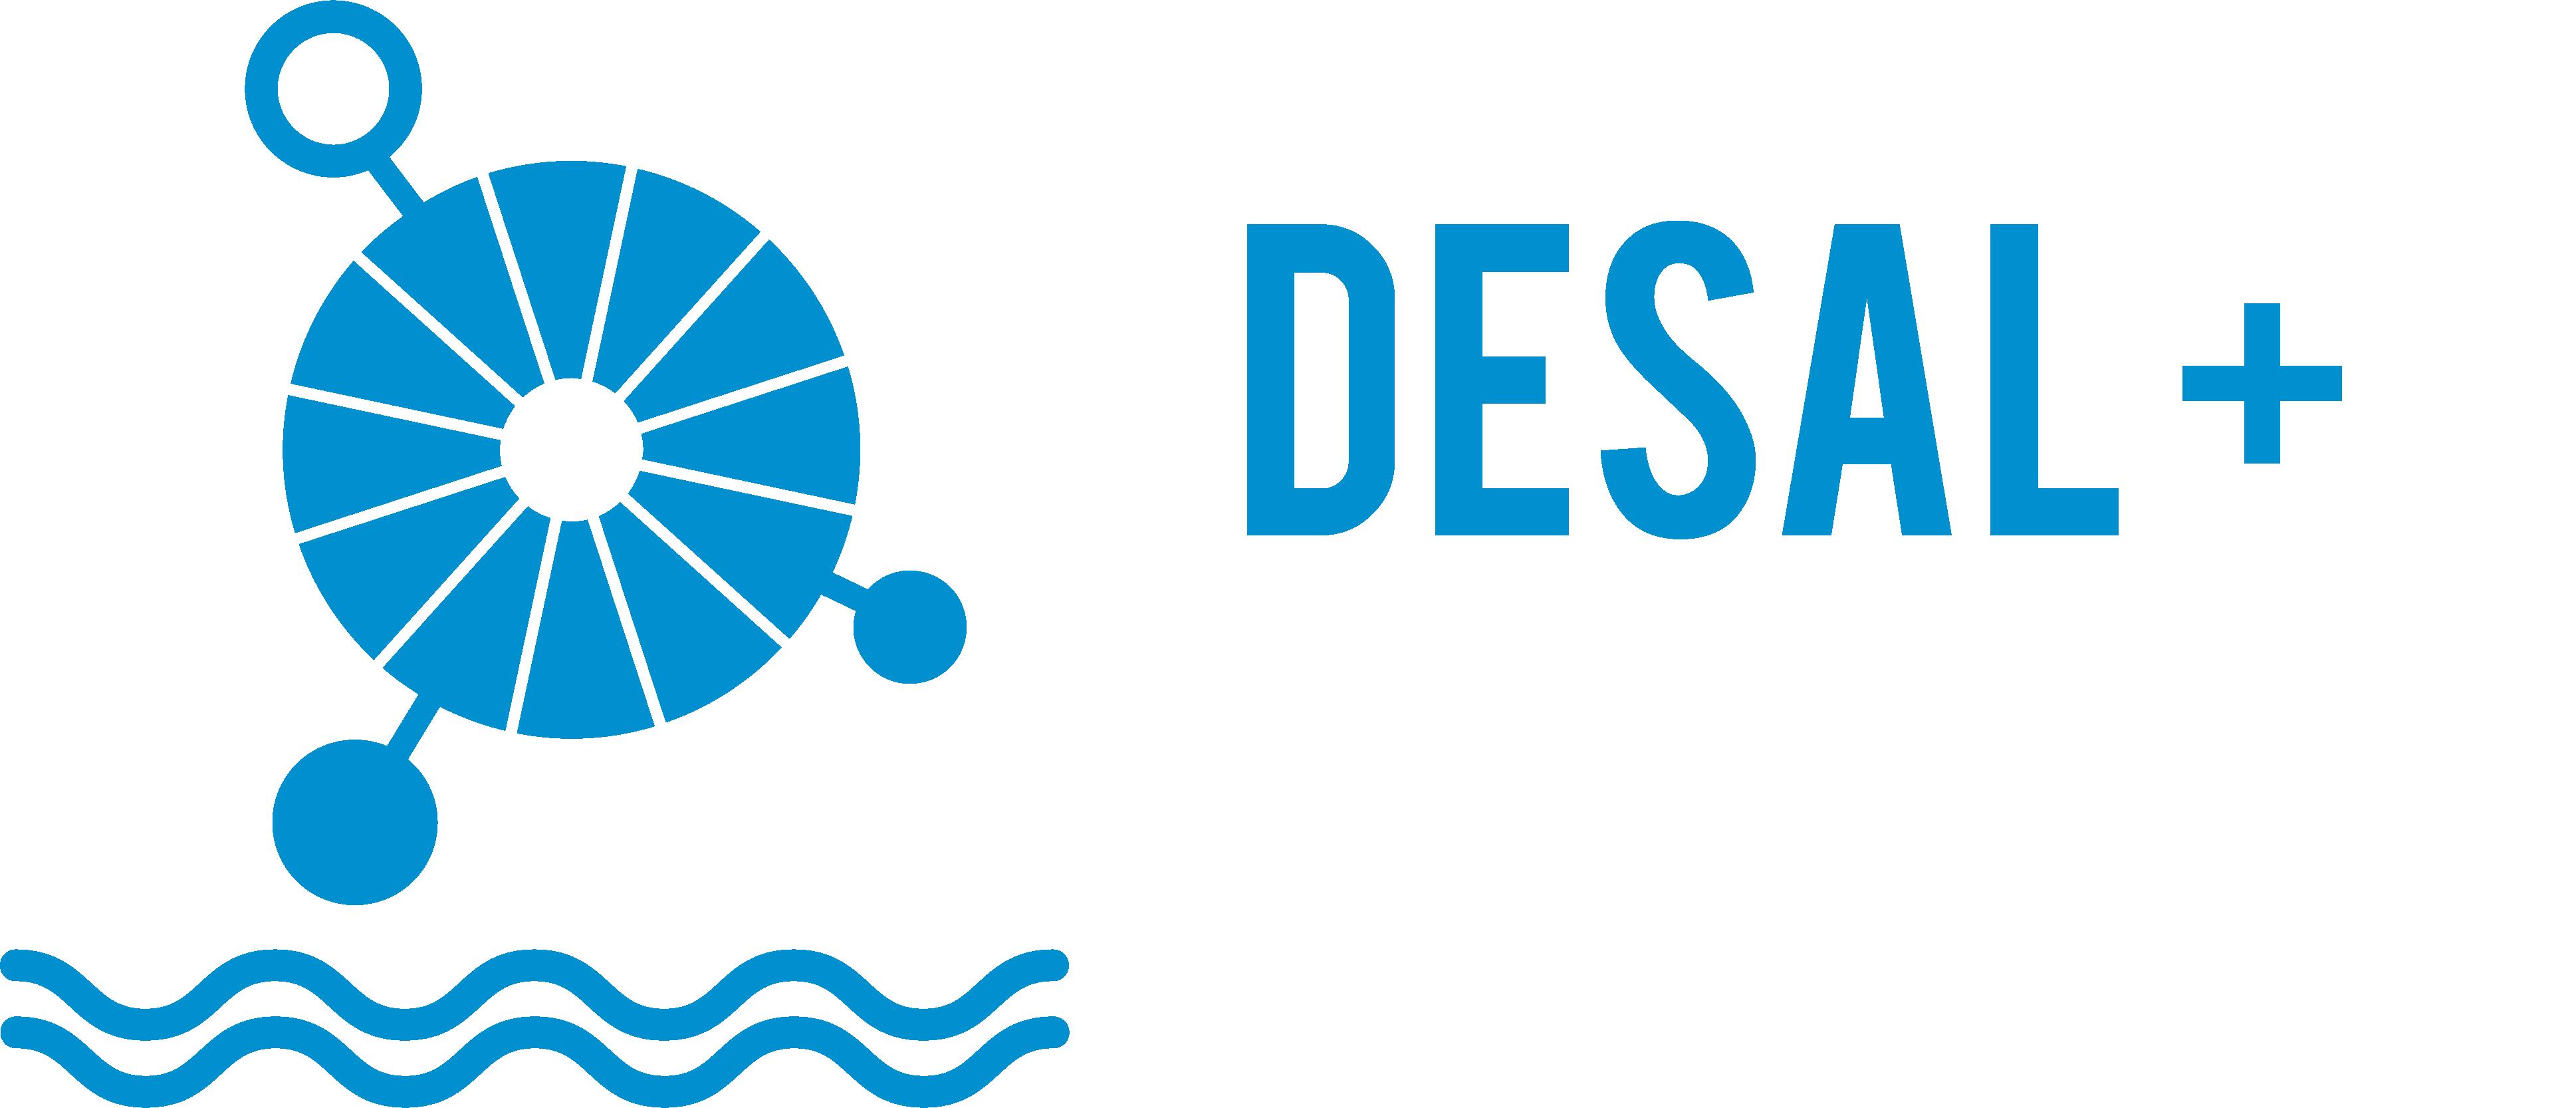 Desalplus